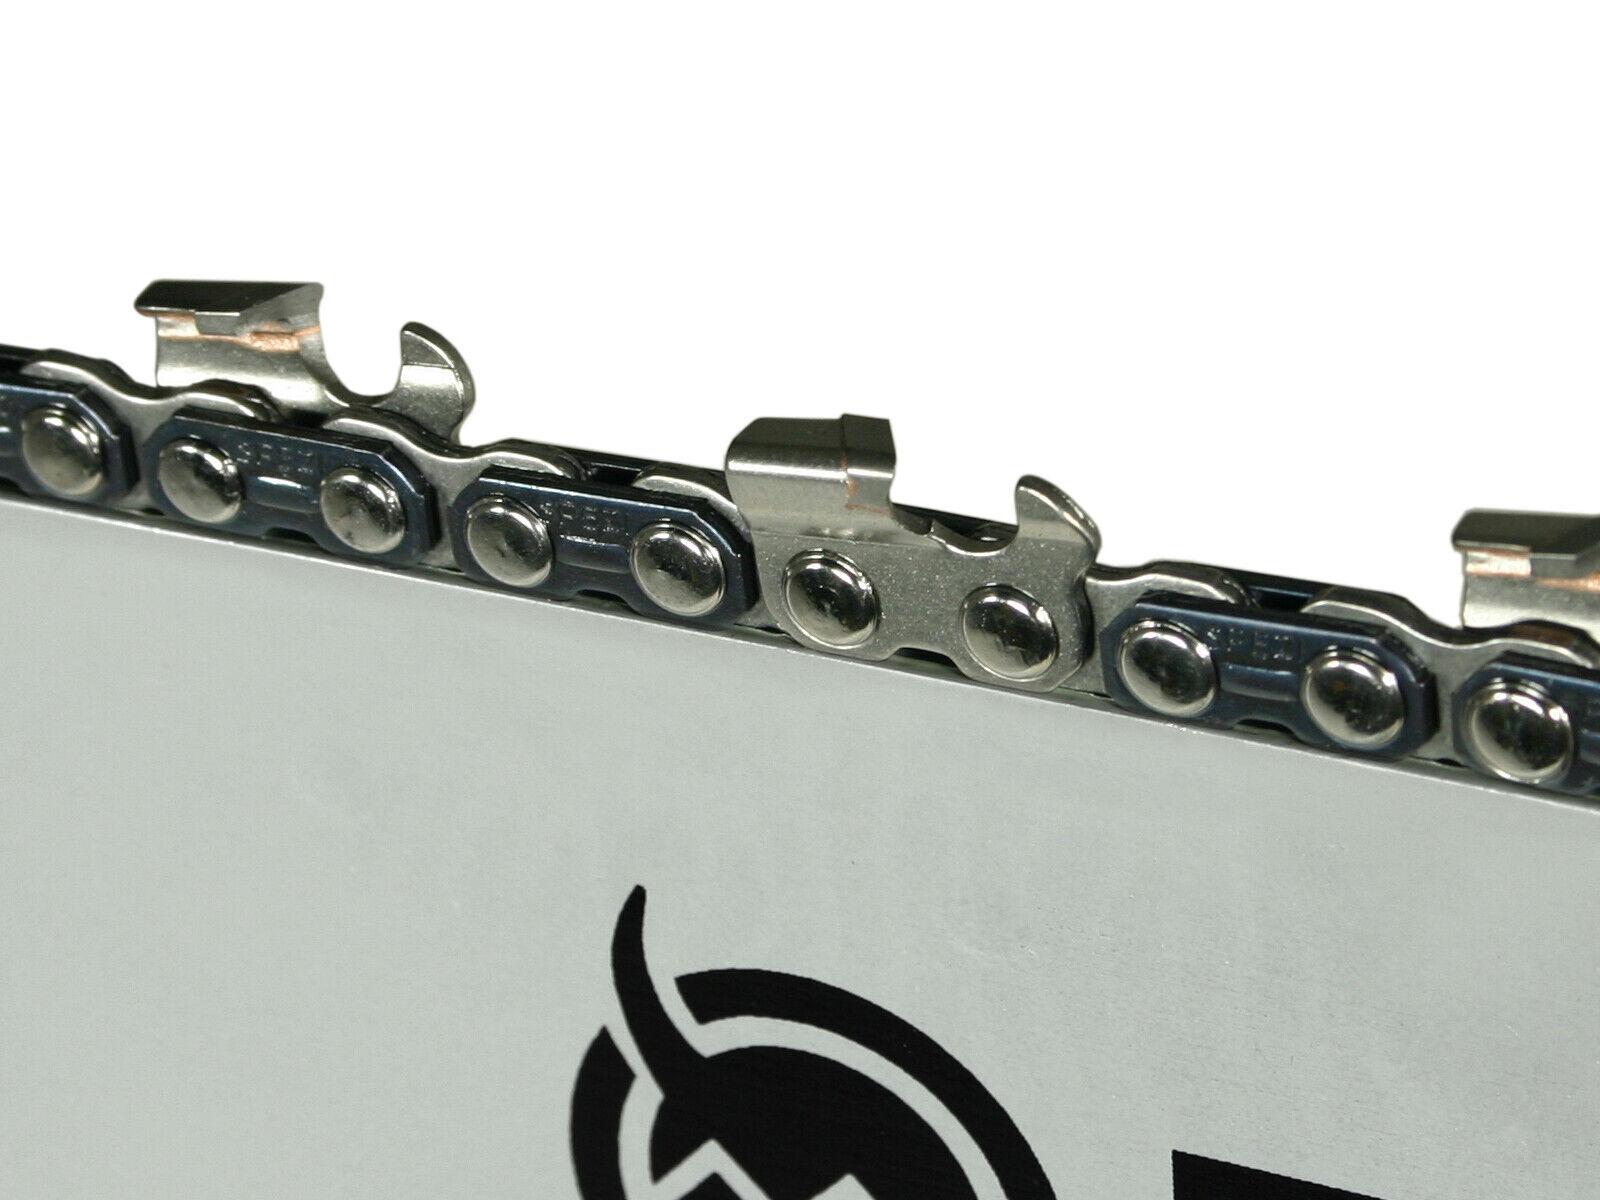 45cm Schwert 3//8 4 Säge Ketten passend für Stihl MS461 MS 461 chain guide bar